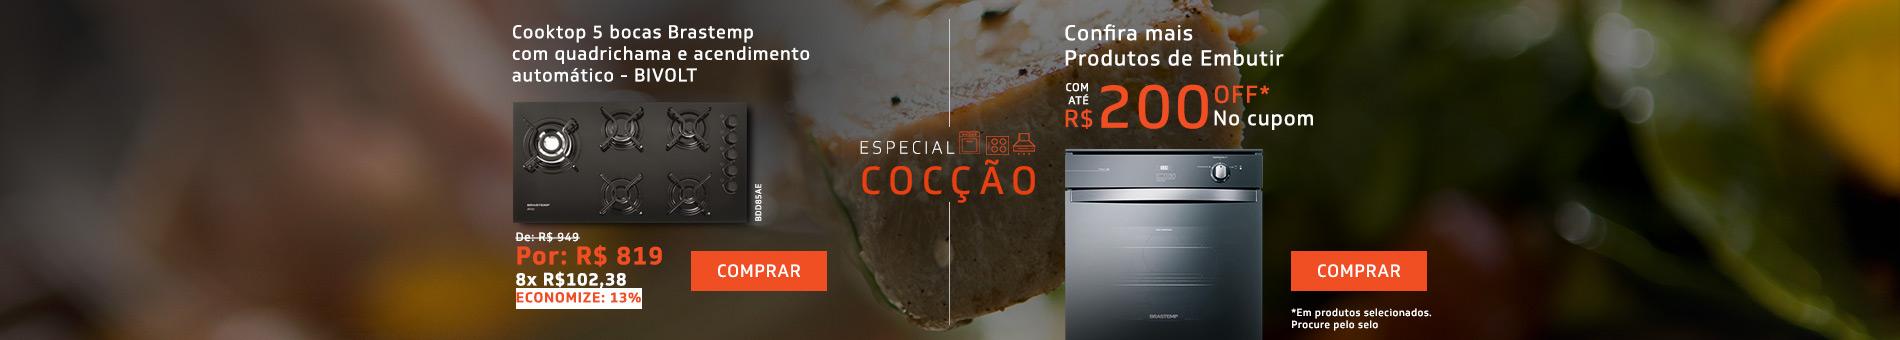 Promoção Interna - 2856 - campanha-coccao_BDD85AE-embutircupom-duplo_15022019_home4 - BDD85AE-embutircupom-duplo - 4